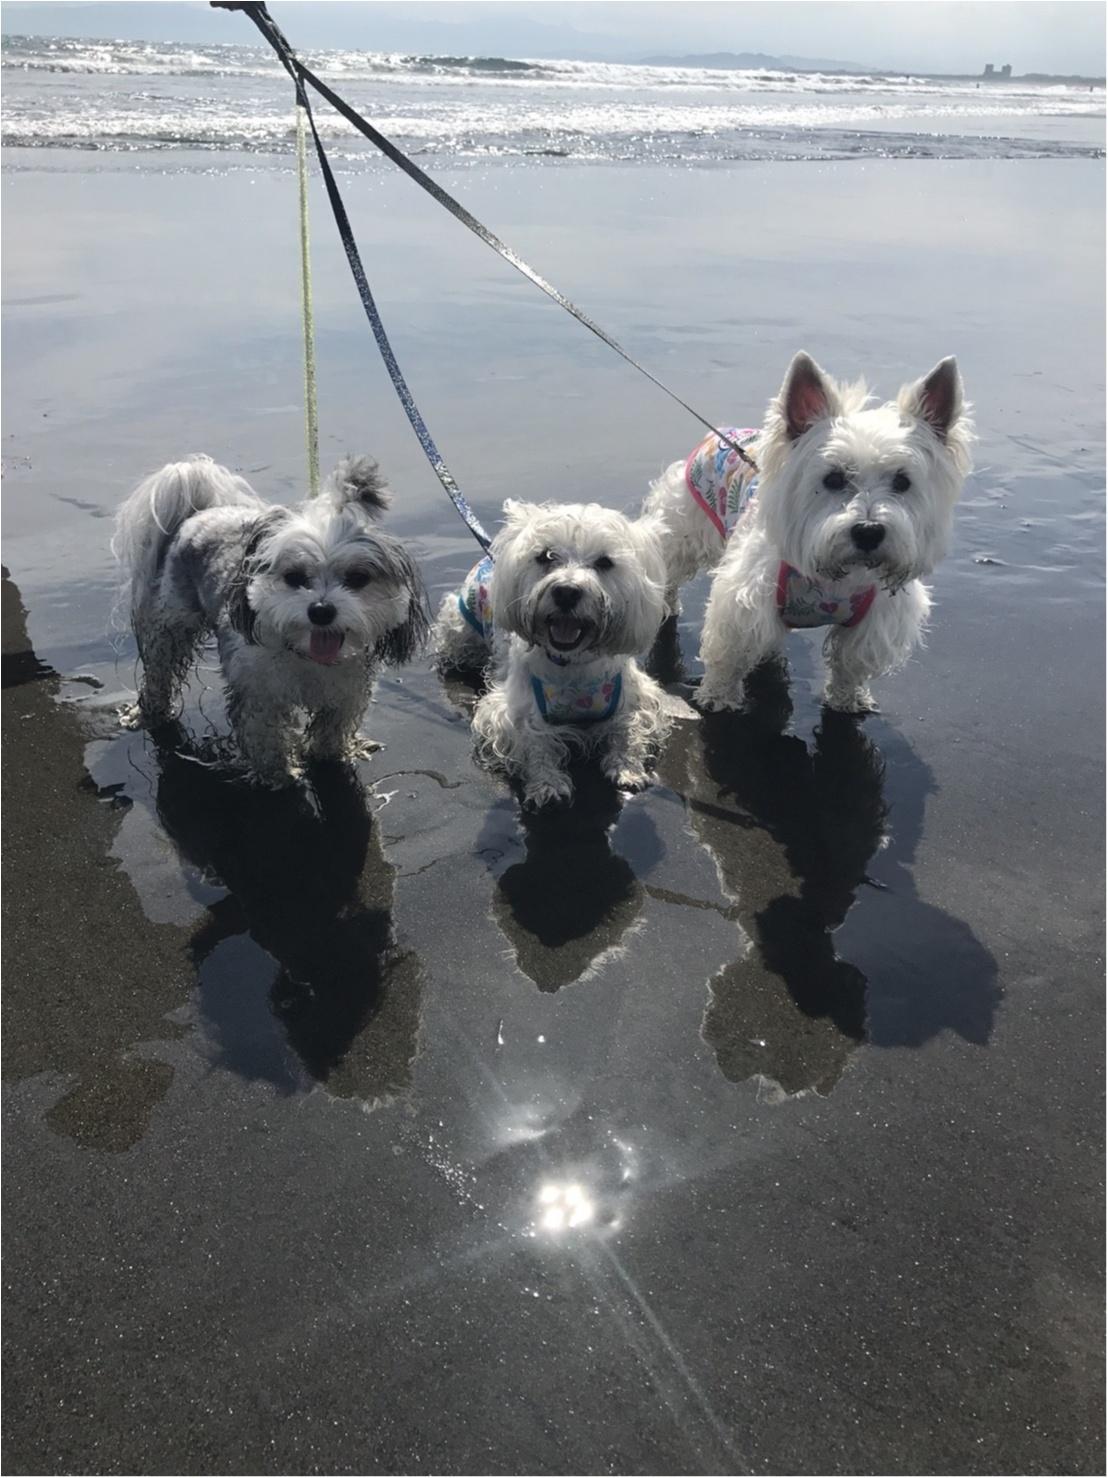 【今日のわんこ】夏の思い出♪ お友達と海に来た太郎くん!_1